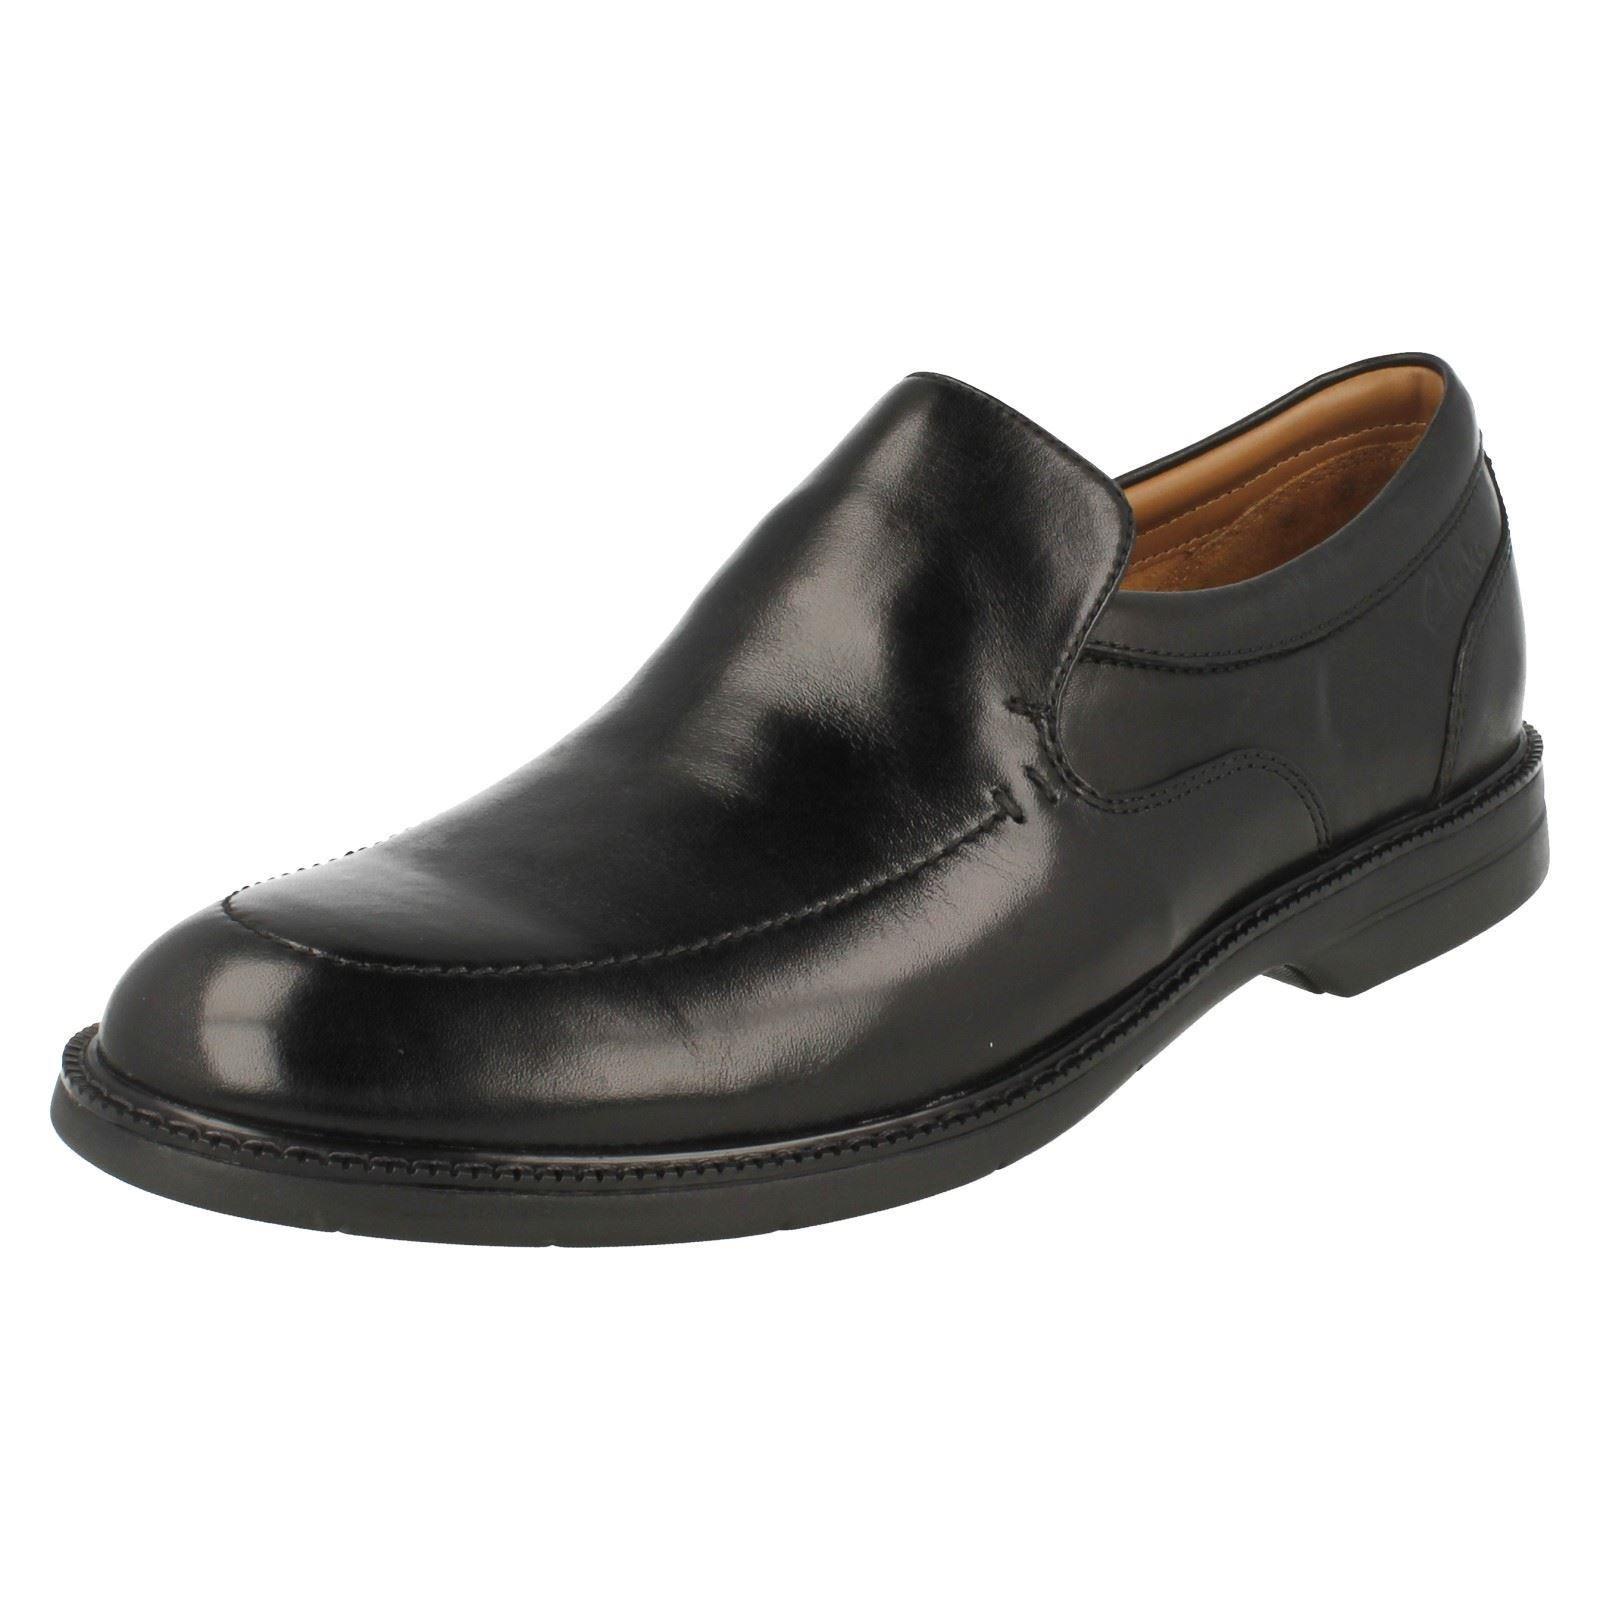 Mens Clarks Formal Shoes Slip On Shoes Formal 'Bilton Step' 25ad0d